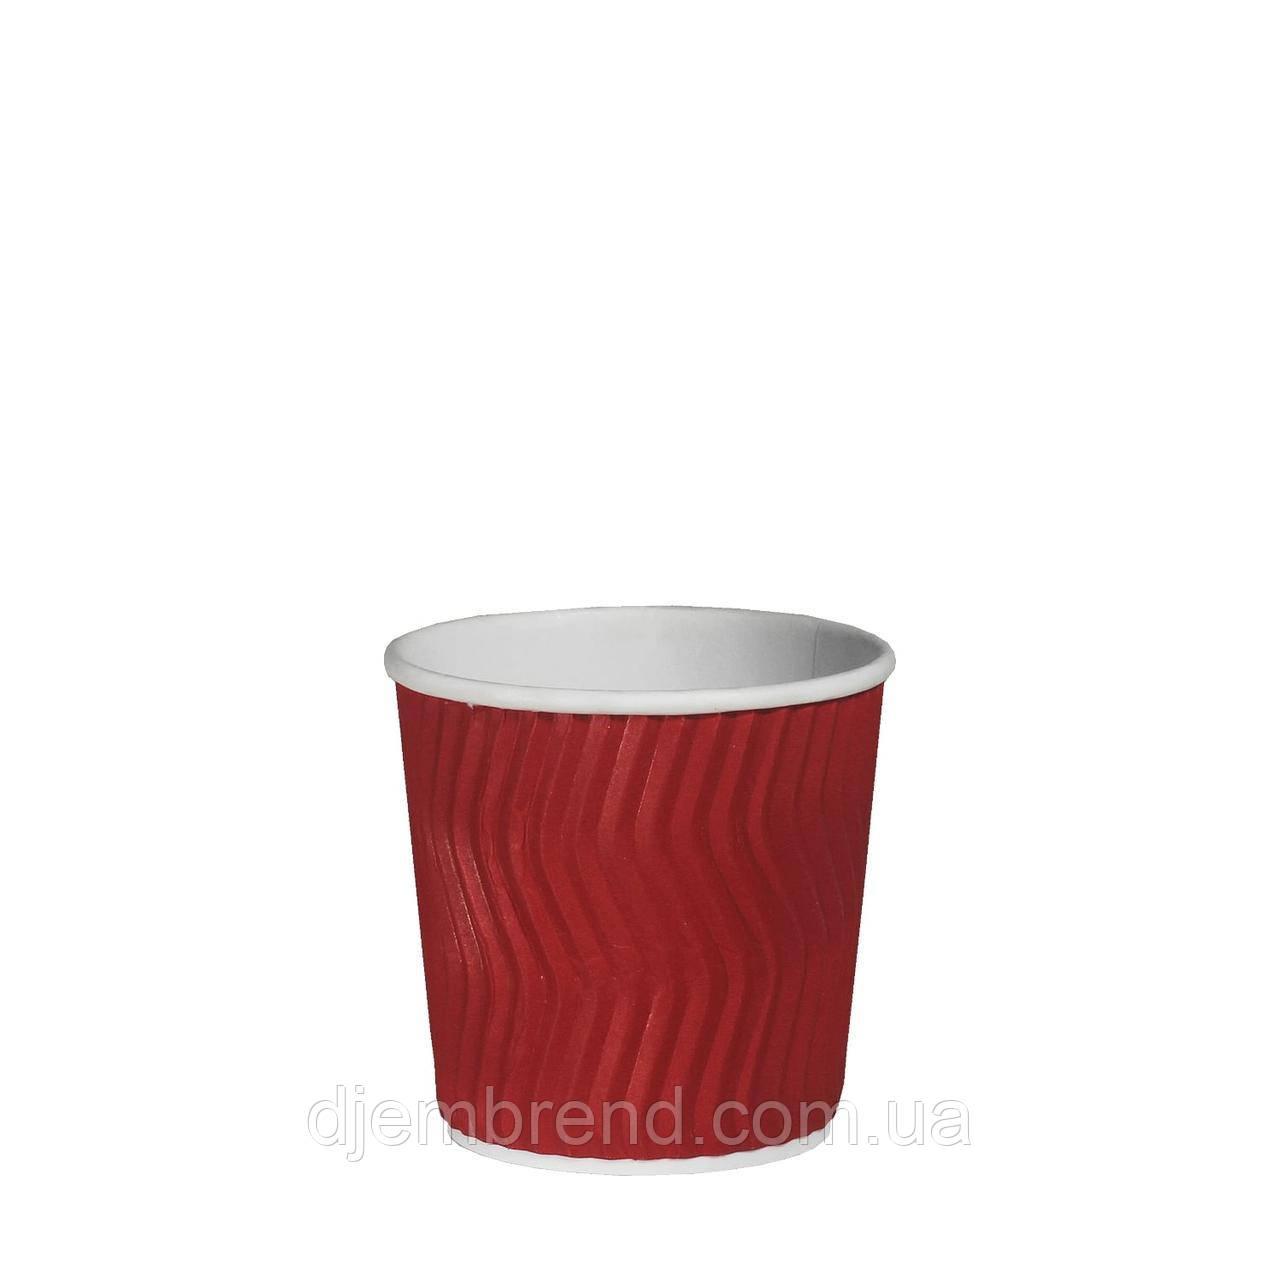 Стакан бумажный гофрированный Красный волна 180мл 30шт/уп (1ящ/48уп/1440шт)